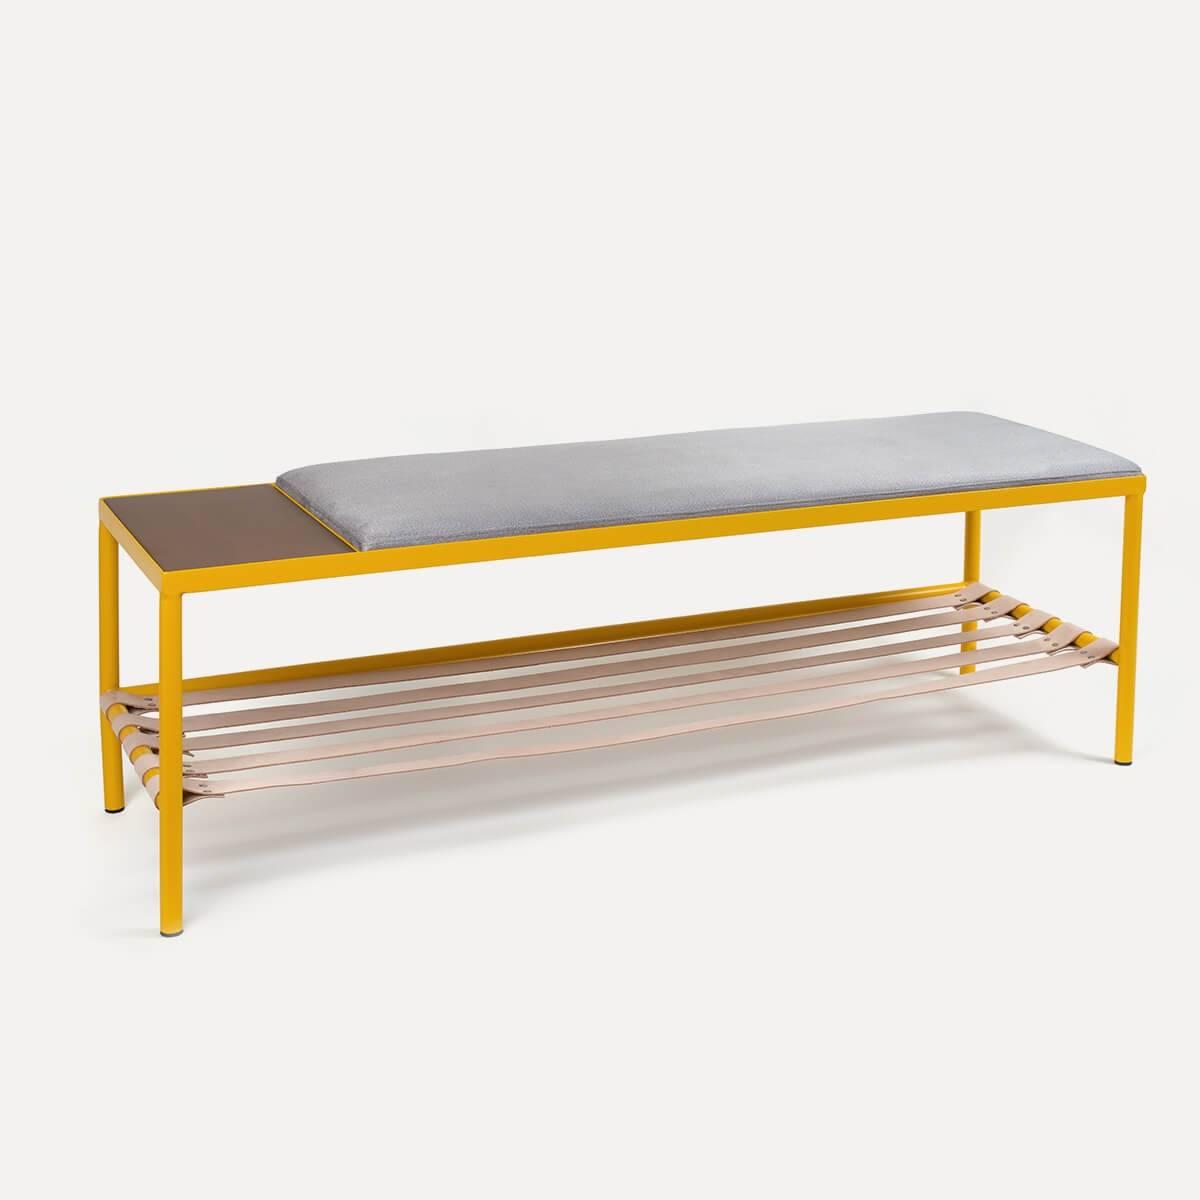 Banc BDC x KANN design - jaune (image n°2)